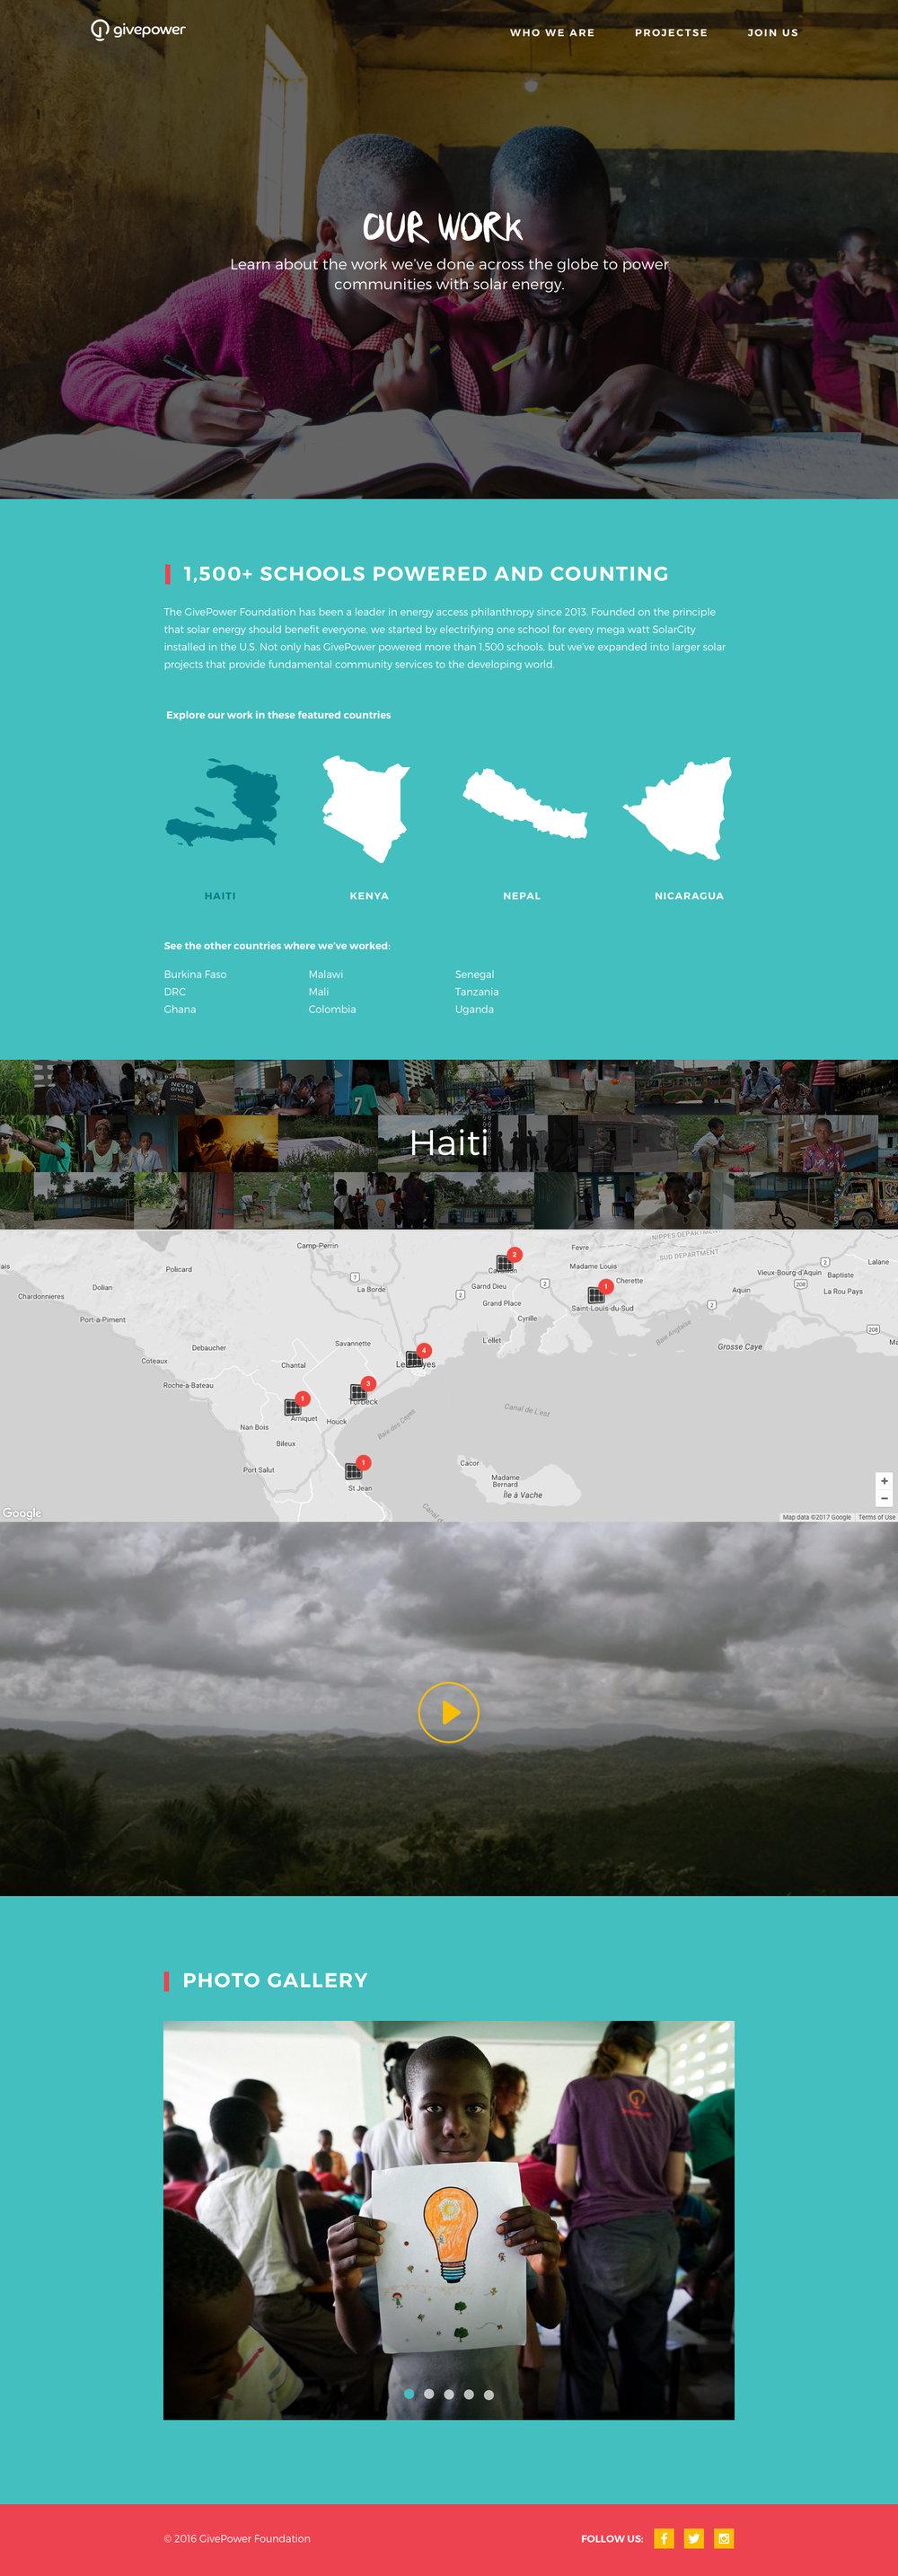 02 our work - haiti.jpg